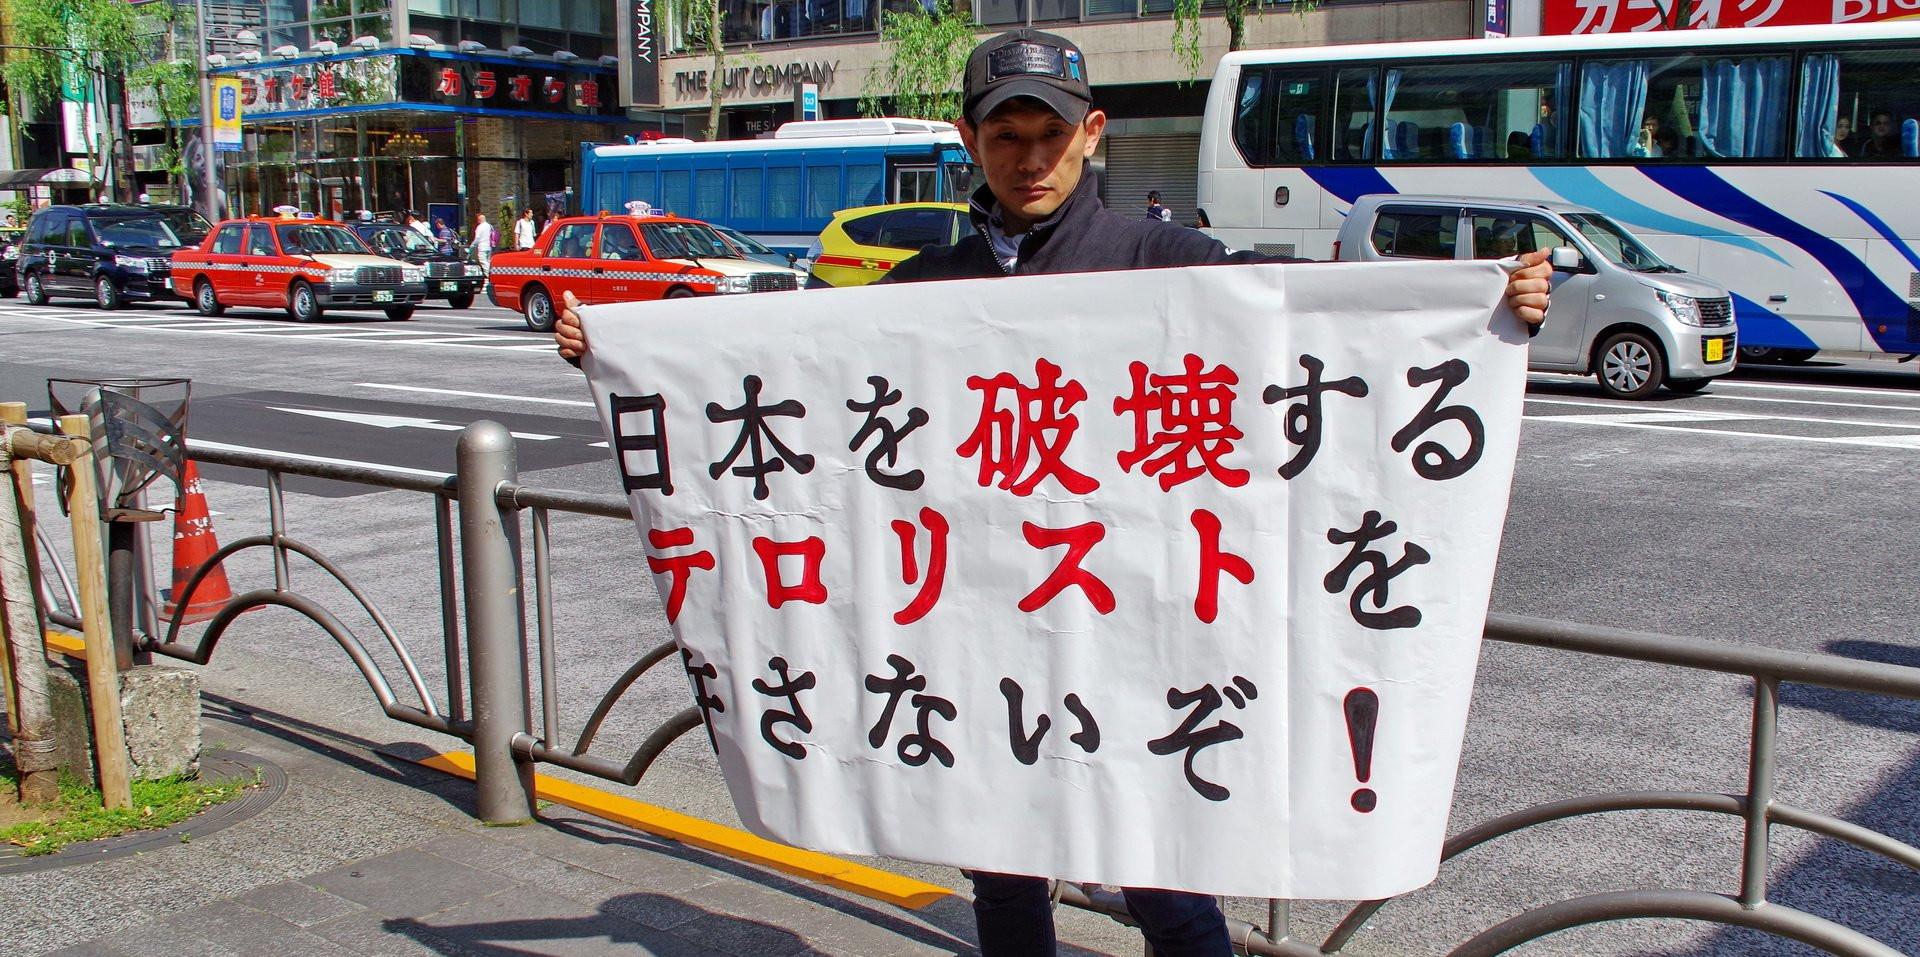 テロリストから日本を守る意思表示